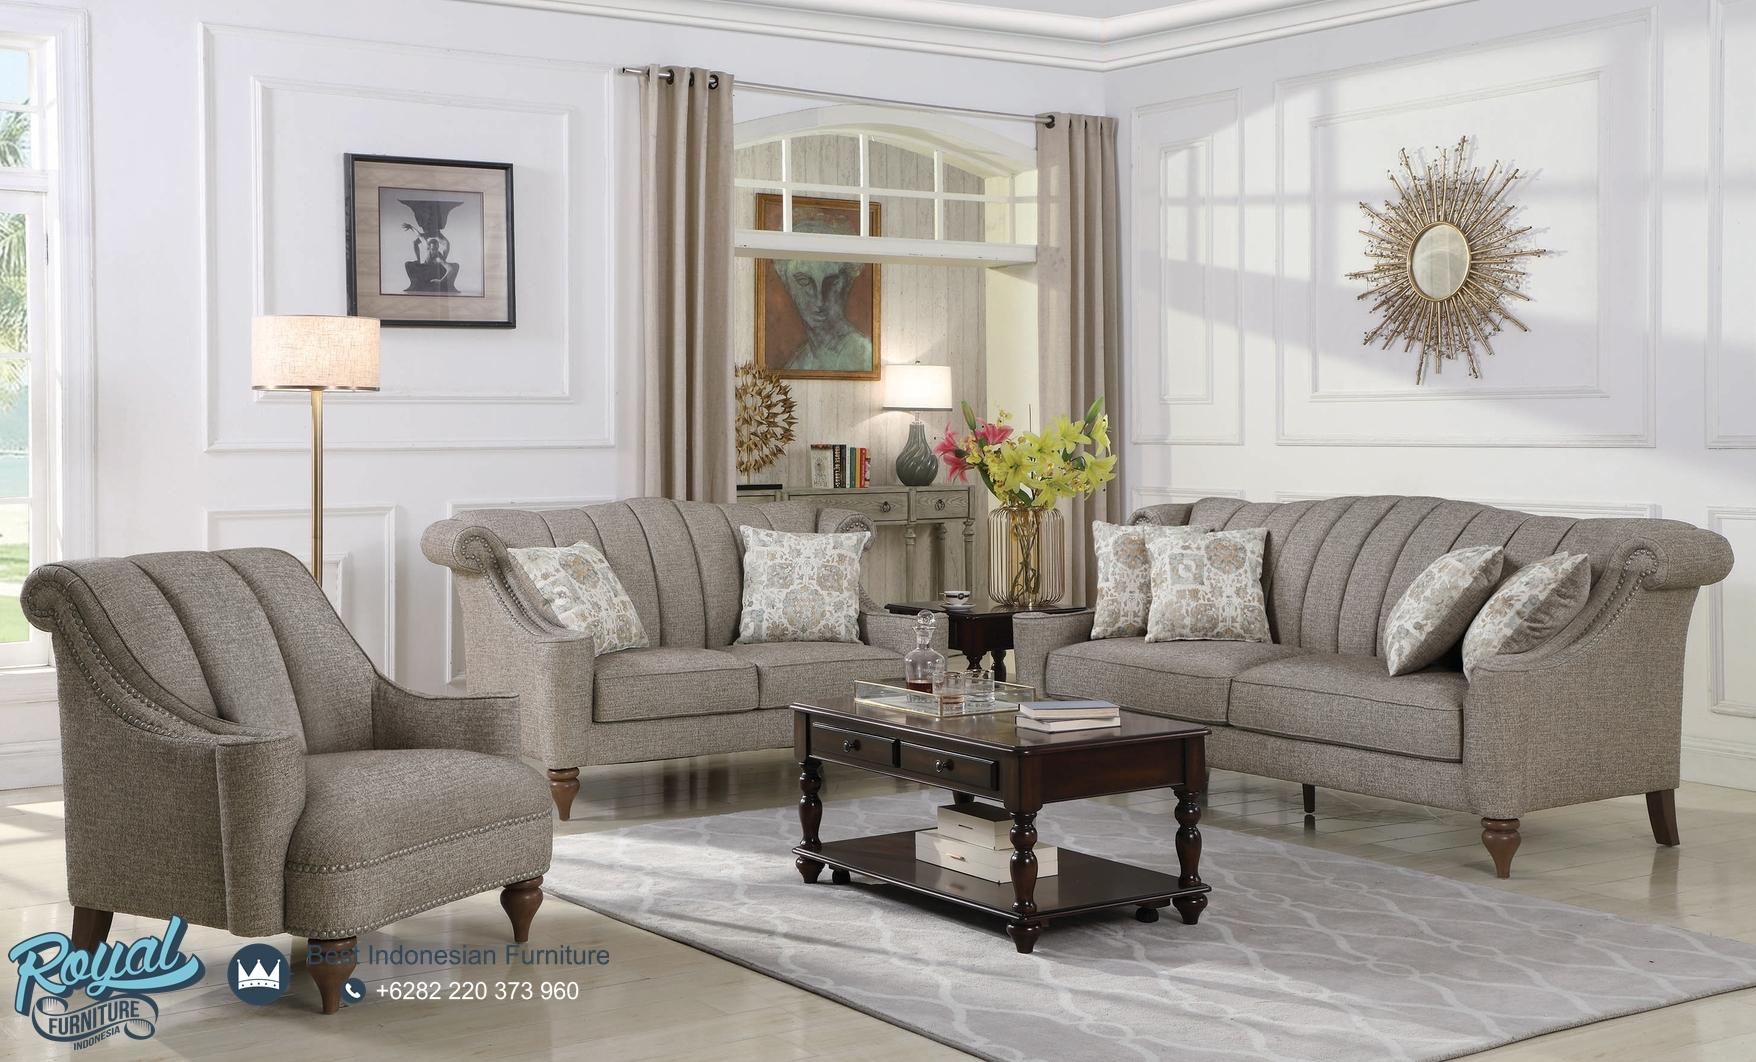 Sofa Tamu Jati Minimalis Jepara Terbaru Vintage Retro, sofa jati ukir, sofa kayu jati minimalis, sofa jati jepara minimalis, sofa jati modern, sofa jati mewah, sofa kayu minimalis modern, sofa minimalis, sofa tamu jepara terbaru 2020, sofa tamu klasik, sofa tamu mewah klasik, kursi tamu jati minimalis, kursi tamu ukir jepara, jual sofa tamu jati ukir jepara, model sofa tamu mewah terbaru, desain sofa ruang tamu minimalis, sofa tamu mewah terbaru, sofa mewah terbaru, sofa mewah modern, sofa mewah kulit, sofa mewah minimalis terbaru, sofa tamu jepara, sofa ruang tamu mewah modern, sofa ruang tamu mewah minimalis, sofa ruang tamu terbaru, sofa ruang tamu jati, kursi sofa ruang tamu mewah, sofa minimalis terbaru, sofa ruang tamu elegan, mebel jepara, toko furniture jepara, royal furniture